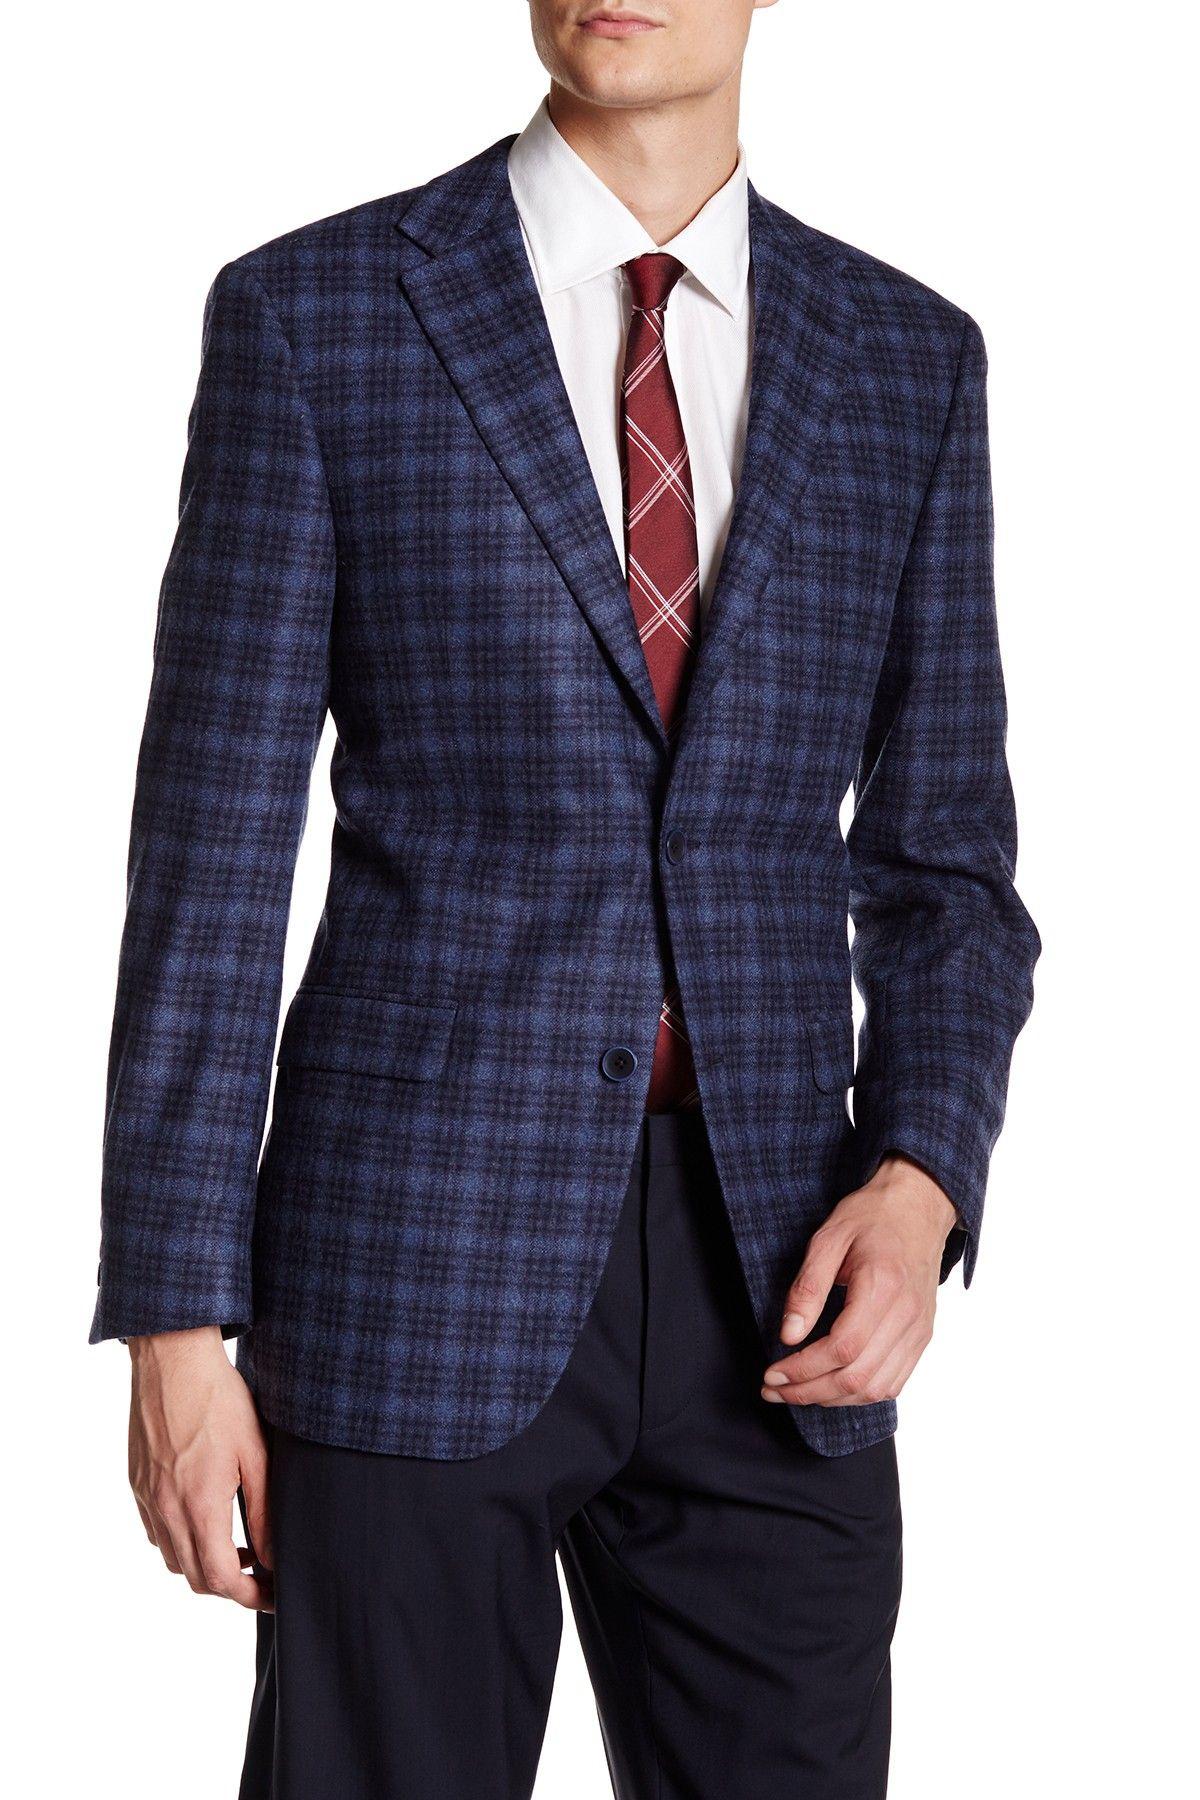 Blue & Grey Plaid Double Button Notched Lapel Jacket